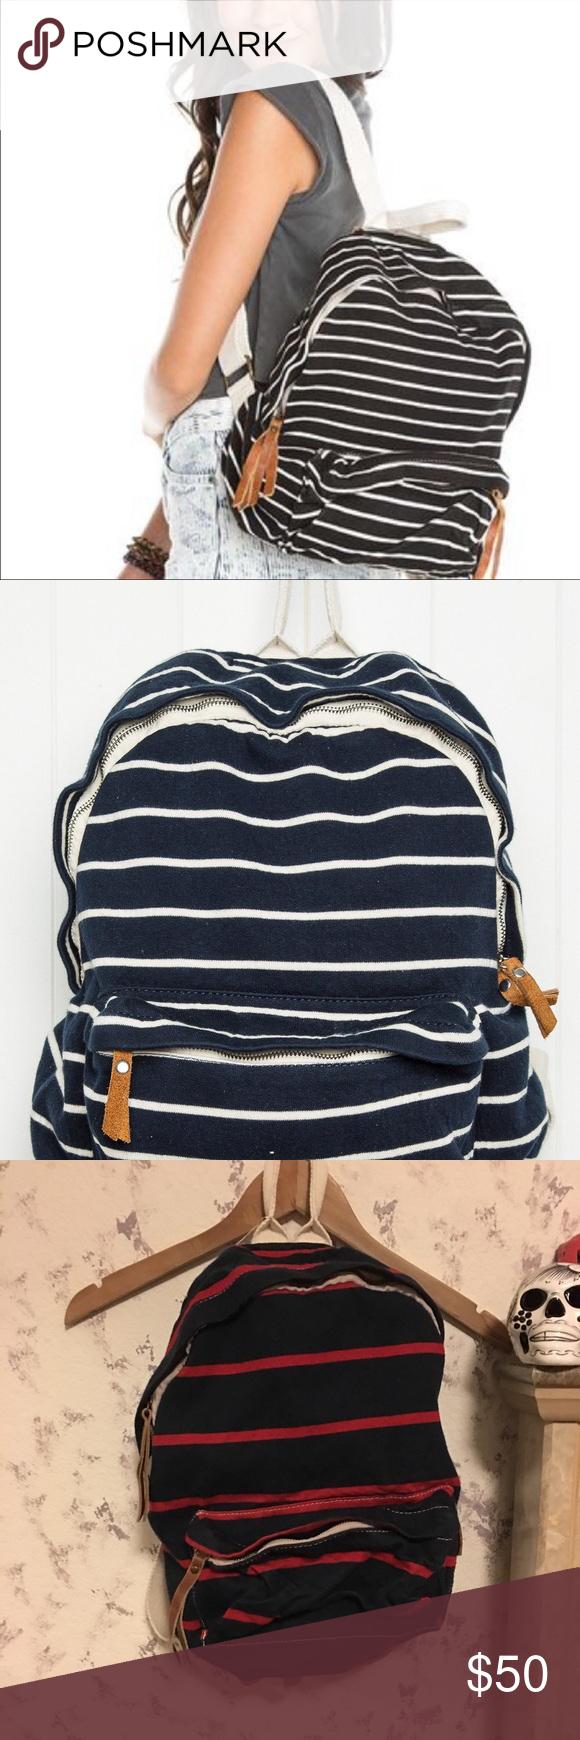 c904213837 John Galt (Brandy Melville) striped mini backpack BNWT!! Mini backpack Navy  blue